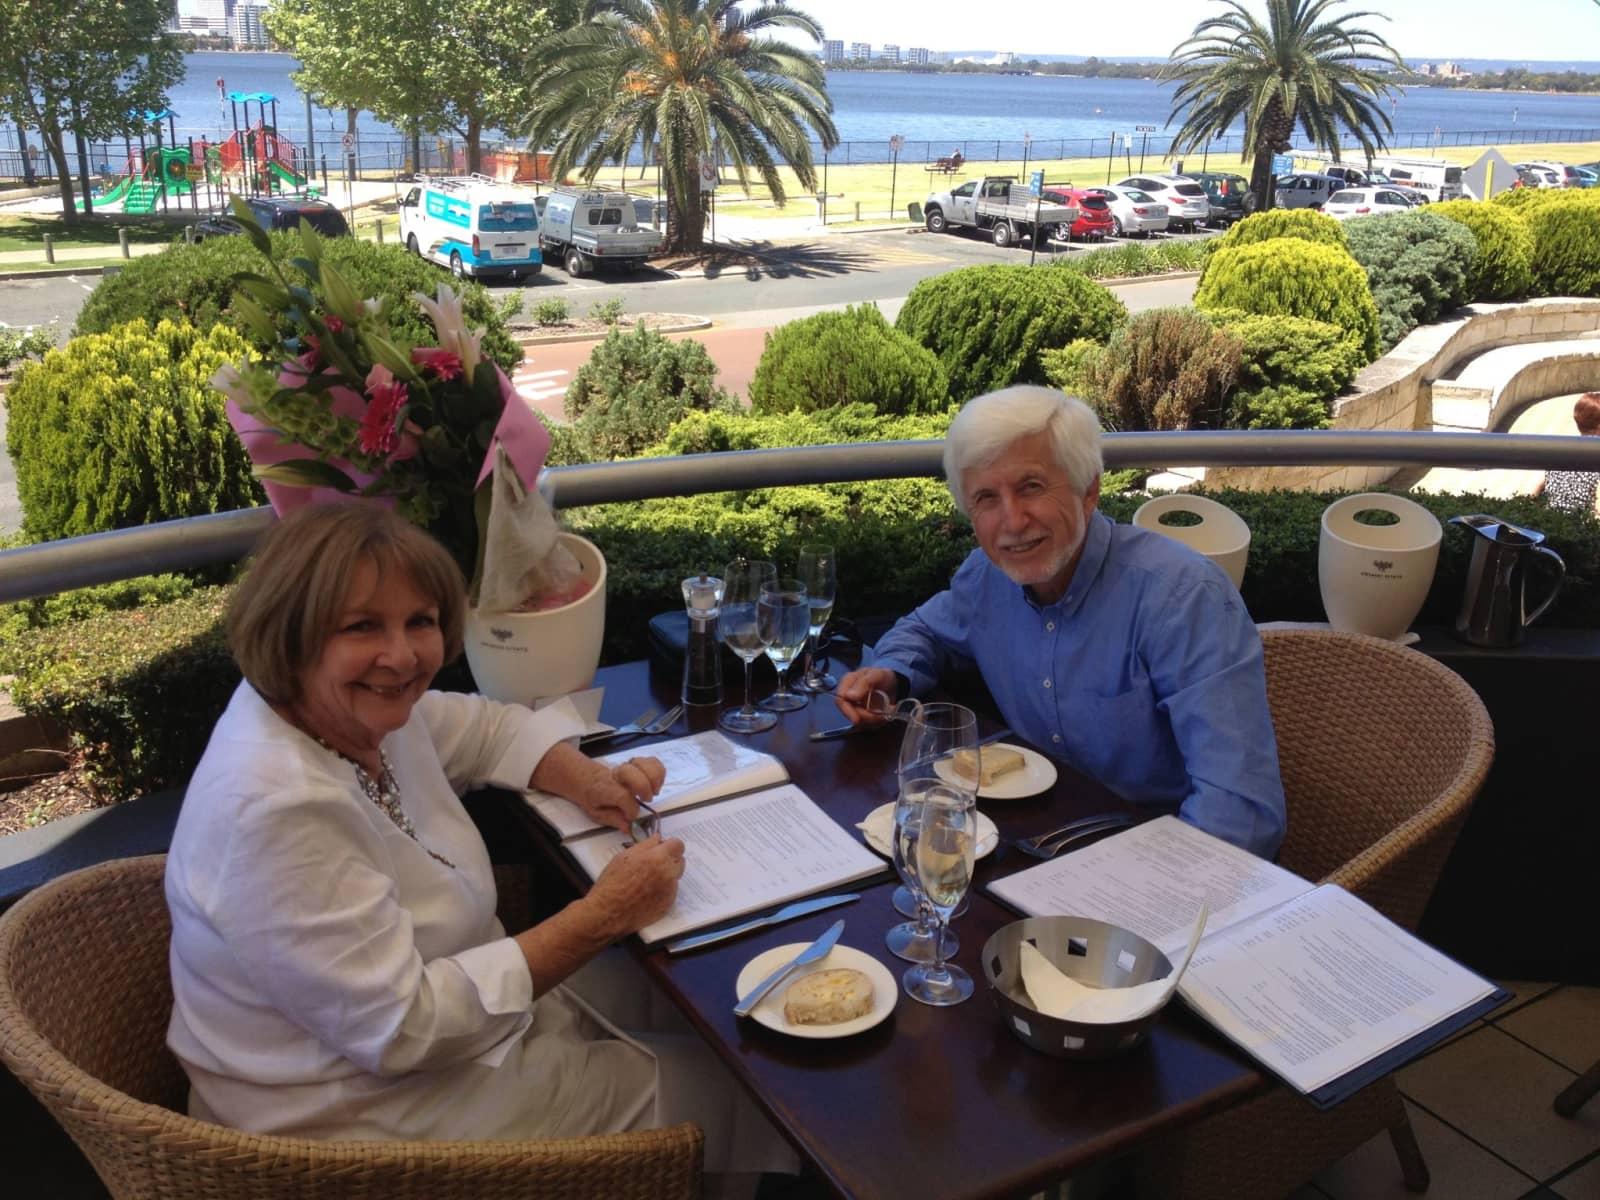 Brian & Tricia from Perth, Western Australia, Australia